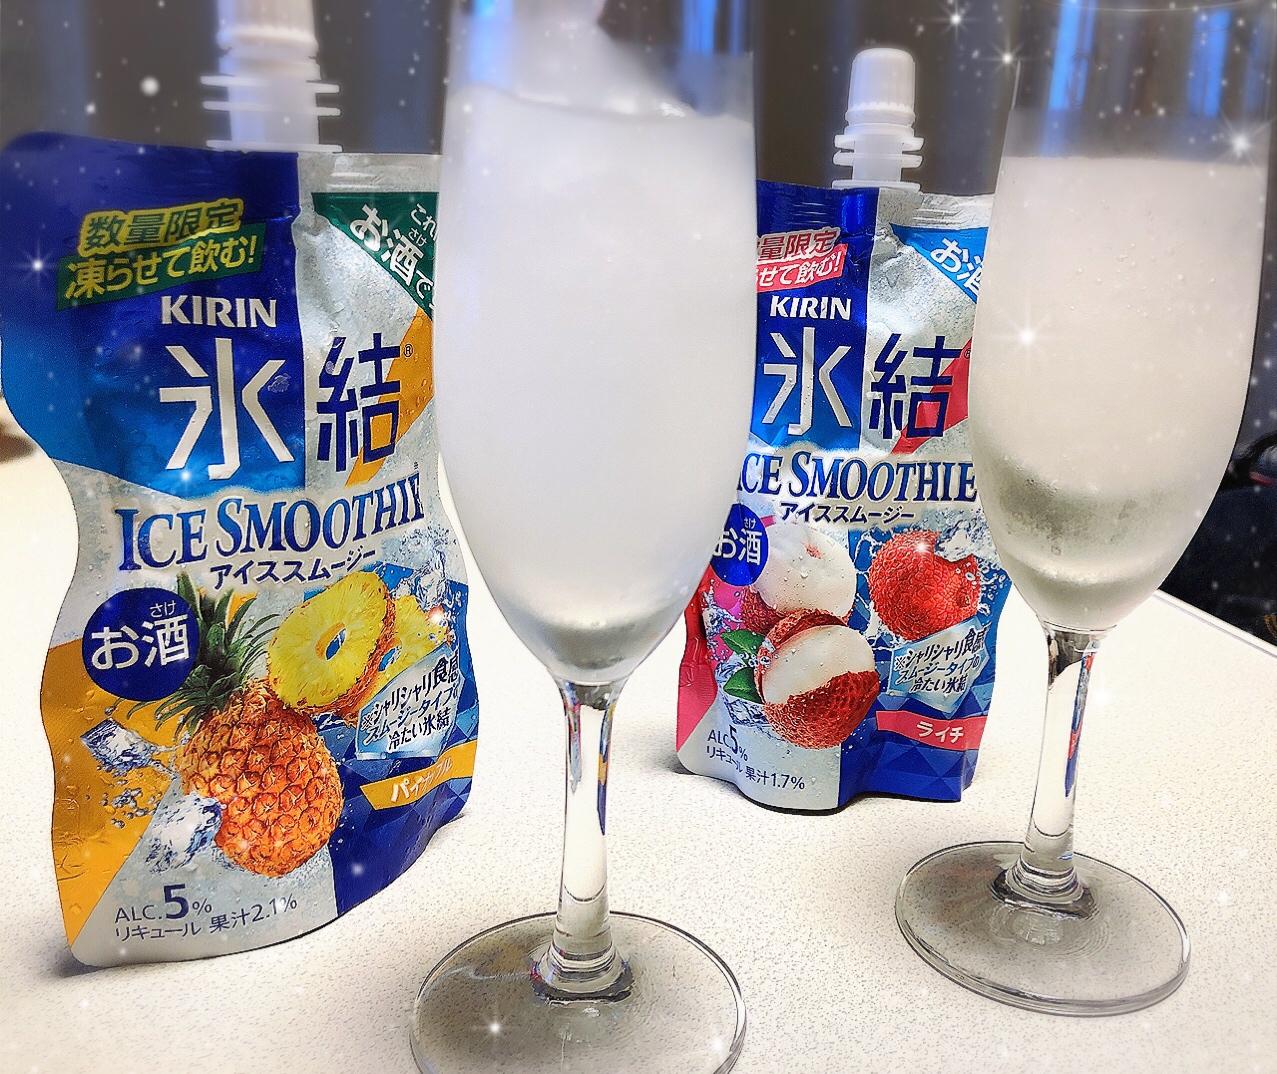 【#夏!6/23〜数量限定】おうちでフローズンカクテルみたいな贅沢感を(*´꒳`*)!凍らせて飲む♩涼し〜いアイススムージーはコレ!_2